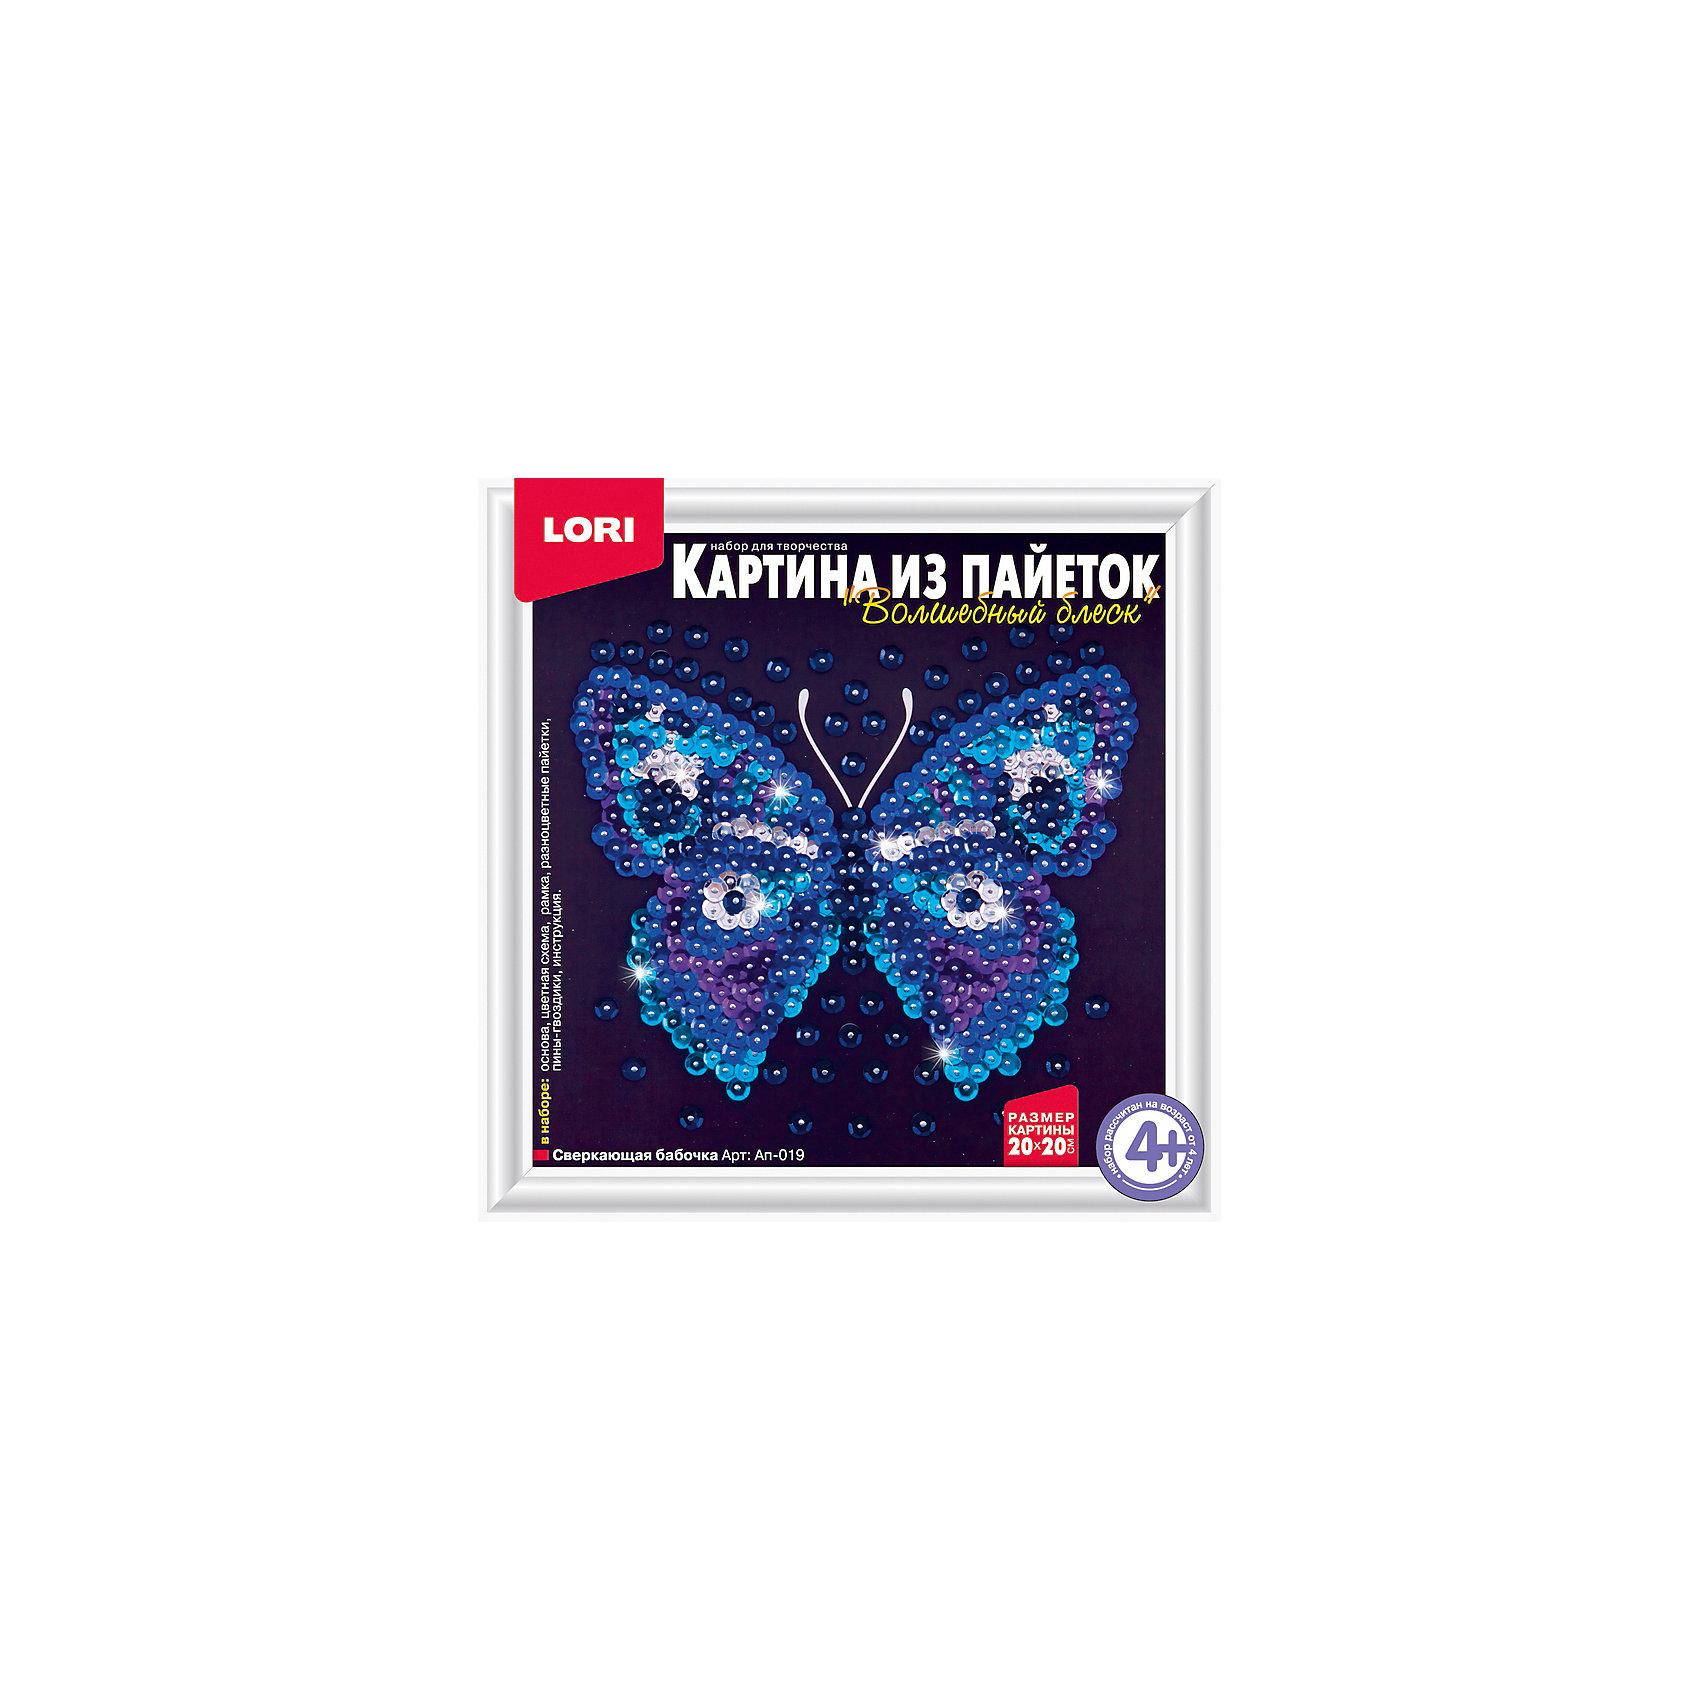 Картина из пайеток Сверкающая бабочка, LORIМозаика<br>Приобщайте ребенка к творчеству с замечательным набором для создания картины из пайеток Сверкающая бабочка от LORI (ЛОРИ)! Пайетки блестящие и очень привлекательные. С помощью специальных гвоздиков ребенок соберет настоящую мозаику из пайеток. Сверкающая бабочка - очень оригинальный набор, с помощью которого ребенок сможет создать невероятной красоты сувенир своими руками. Рамку для замечательной картины тоже можно создать из деталей набора. Кропотливая работа будет вознаграждена, ведь результат превзойдет все ожидания! Сверкающая и переливающаяся бабочка никого не оставит равнодушным! Картина не деформируется и не теряет форму со временем, поэтому будет долго радовать Вас своим блеском. Занятие с замечательным набором Сверкающая бабочка от LORI (ЛОРИ) способствует развитию мышления, воображения ребенка и формирует эстетическое восприятие. <br><br>Дополнительная информация:<br><br>- Способствует развитию мышления, воображения и эстетического восприятия;<br>- В комплекте: основа, цветная схема, рамка, разноцветные пайетки, пины - гвоздики, инструкция;<br>- Оригинальный набор;<br>- Прекрасный подарок;<br>- Размер готовой картины: 20 х 20 см;<br>- Размер упаковки: 21 х 21 х 4 см;<br>- Вес: 150 г<br><br>Картину из пайеток Сверкающая бабочка, LORI (ЛОРИ) можно купить в нашем интернет-магазине.<br><br>Ширина мм: 210<br>Глубина мм: 210<br>Высота мм: 40<br>Вес г: 150<br>Возраст от месяцев: 48<br>Возраст до месяцев: 144<br>Пол: Женский<br>Возраст: Детский<br>SKU: 4073061